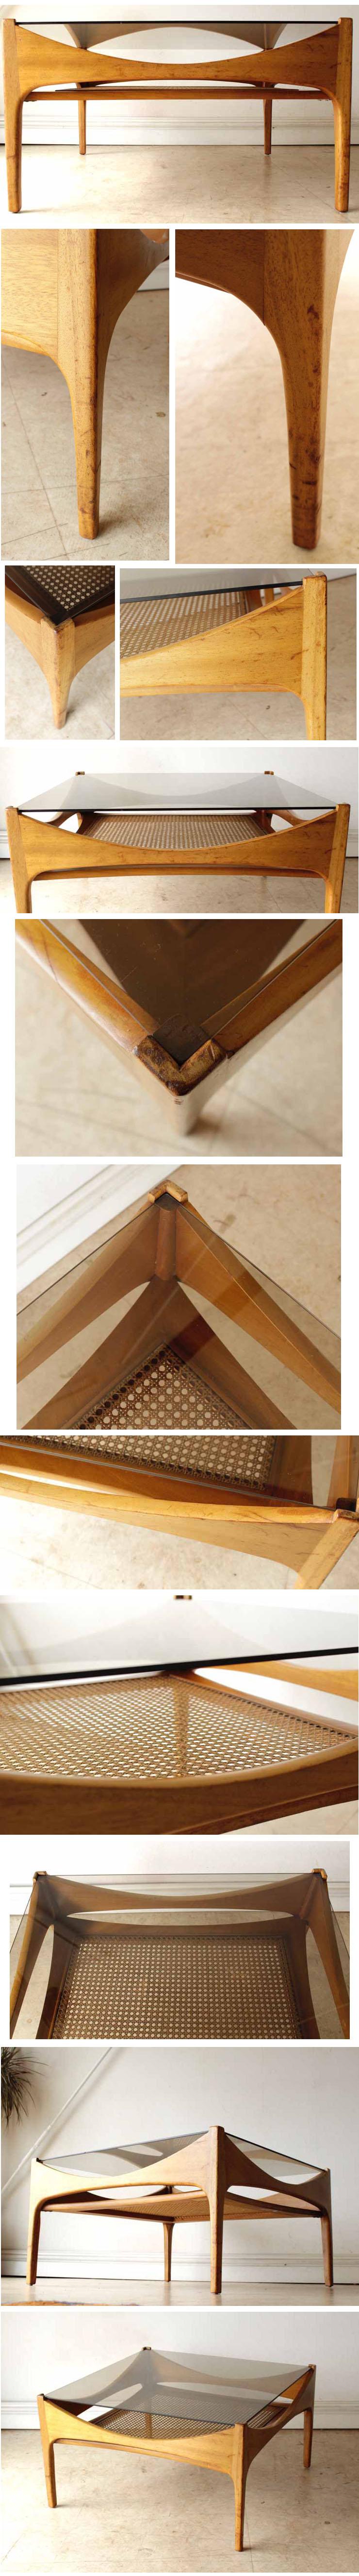 コーヒーテーブル・センターテーブル・ガラス・マガジンラック・ビンテージ・アンティーク・北欧・輸入家具・イギリス